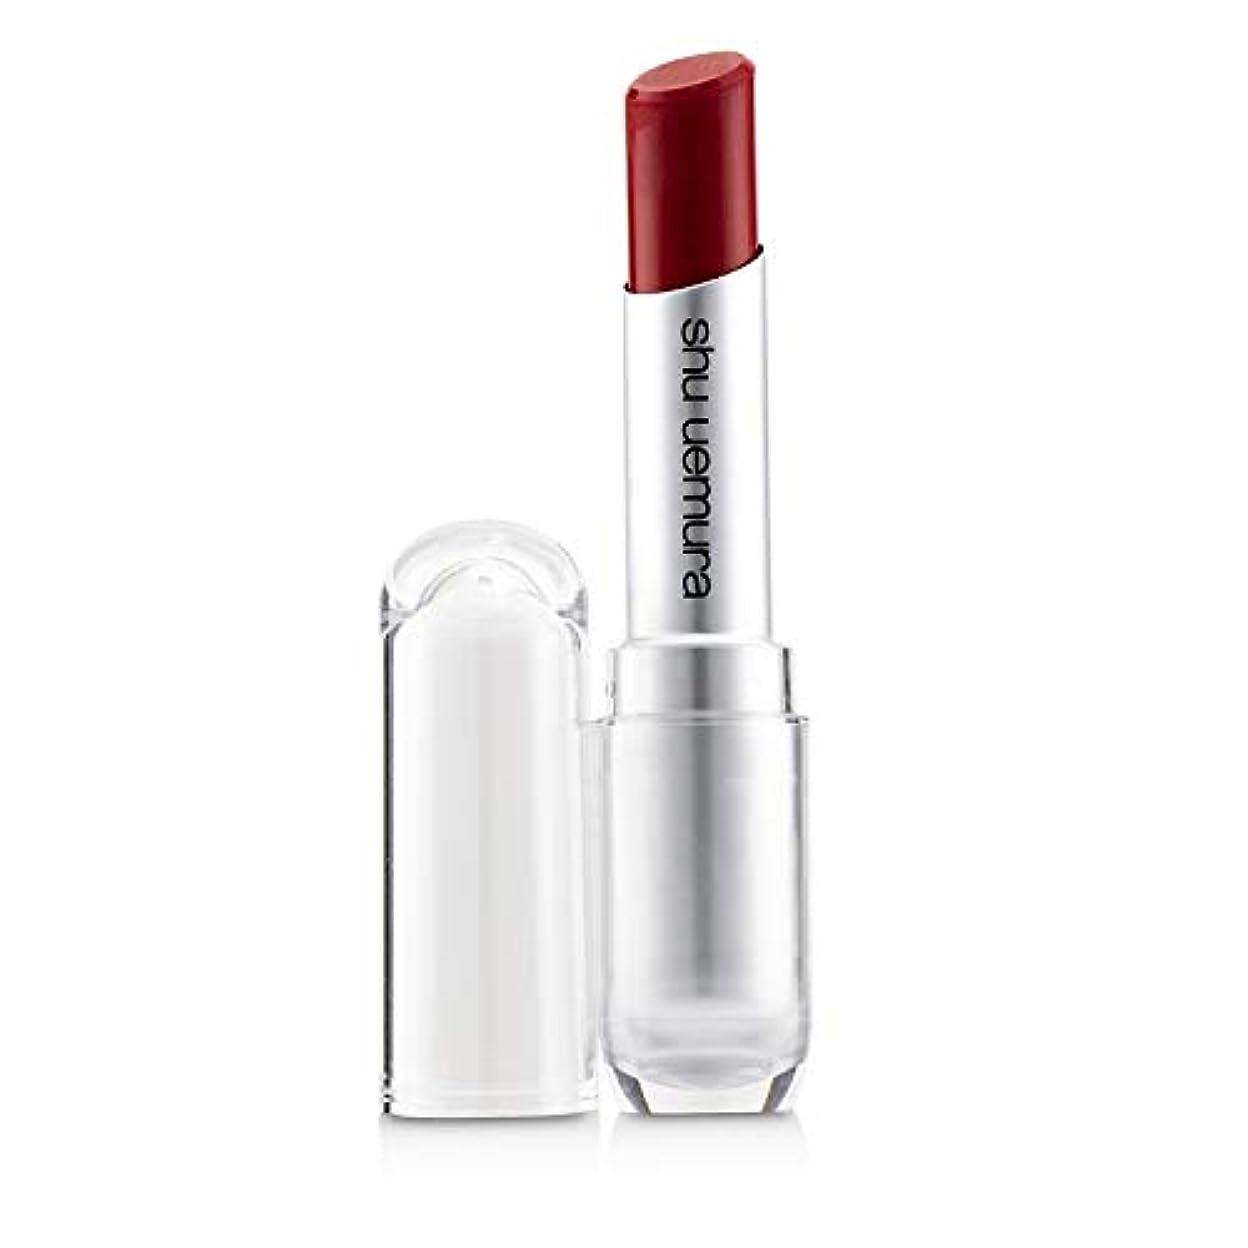 ストラップこどもセンター鬼ごっこシュウウエムラ Rouge Unlimited Matte Lipstick - # M RD 144 3.4g/0.11oz並行輸入品